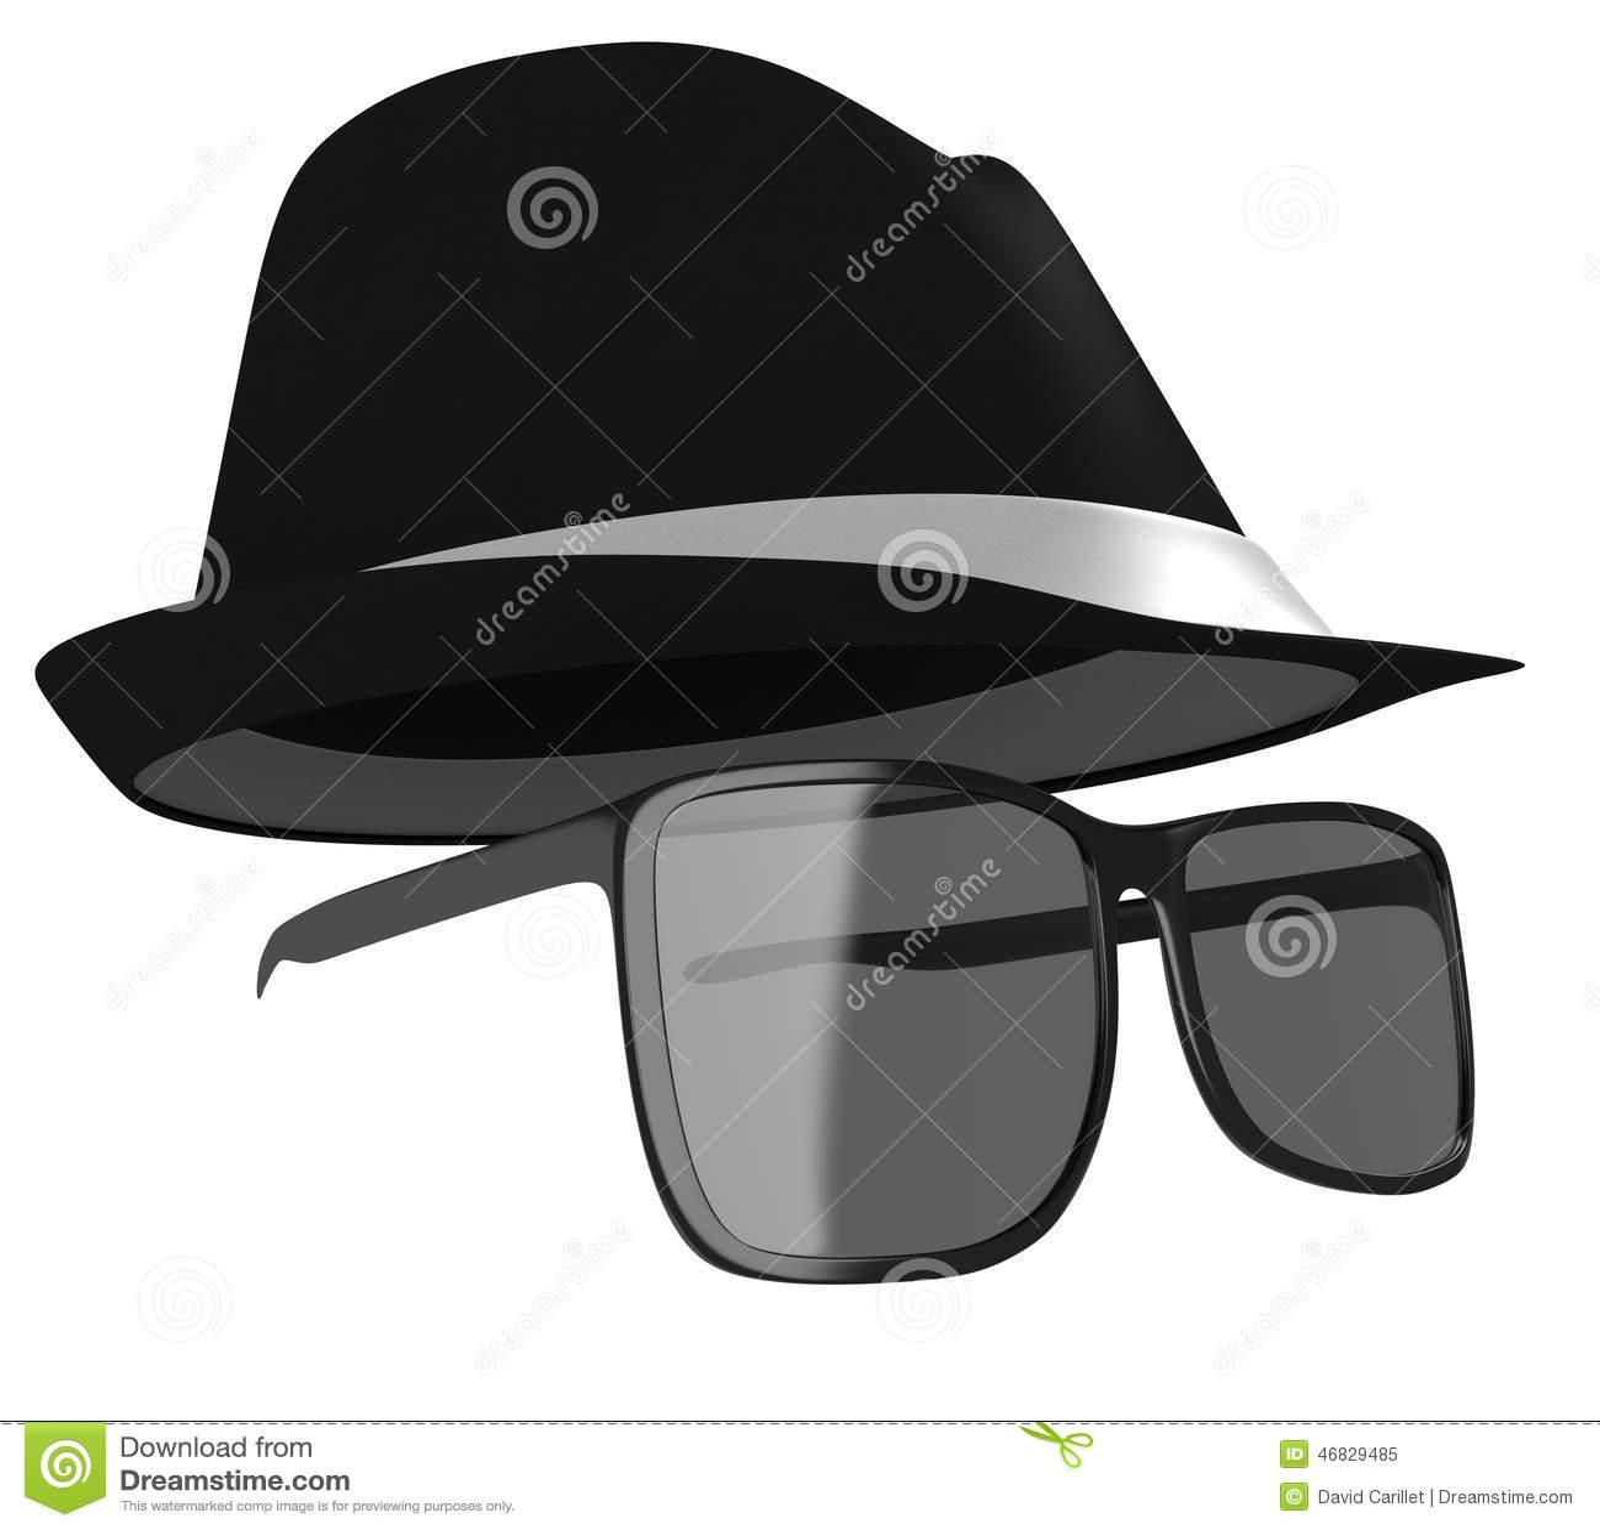 Clip On Dark Glasses